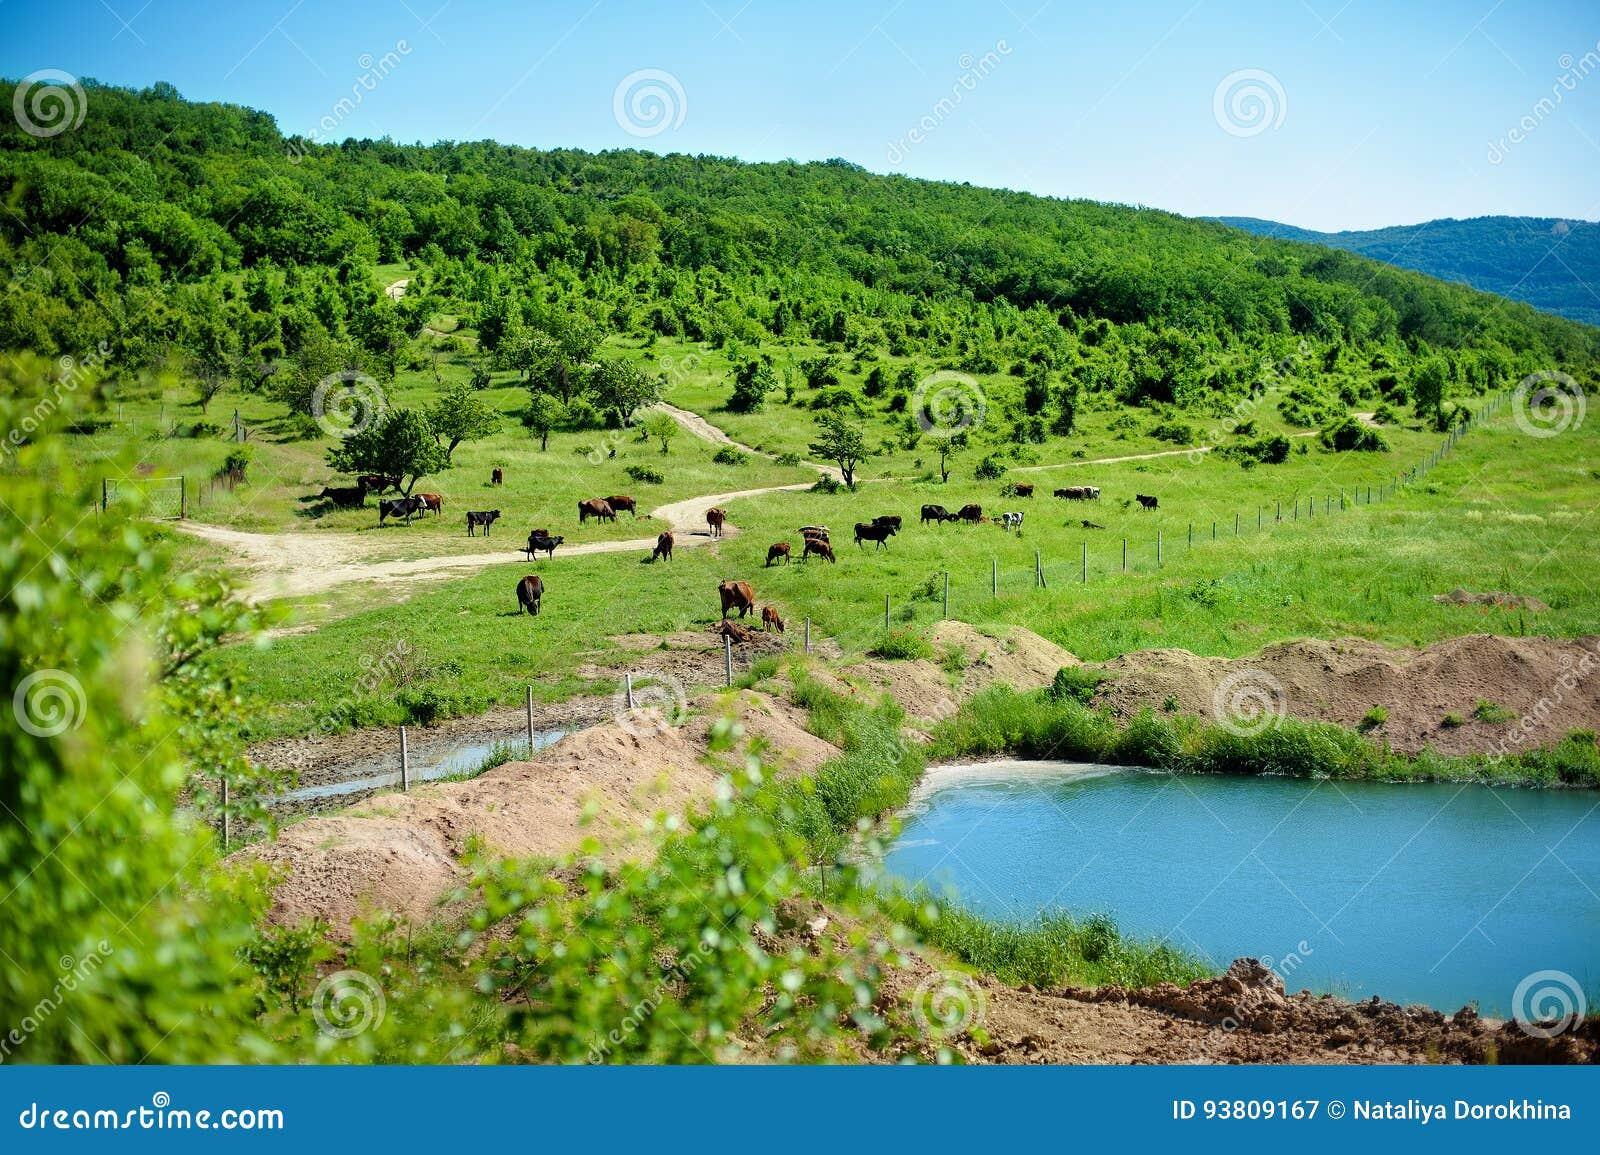 吃草在一个绿色草甸的母牛牧群在小山的湖附近晴朗的夏日 美丽如画的风景 牛奶店